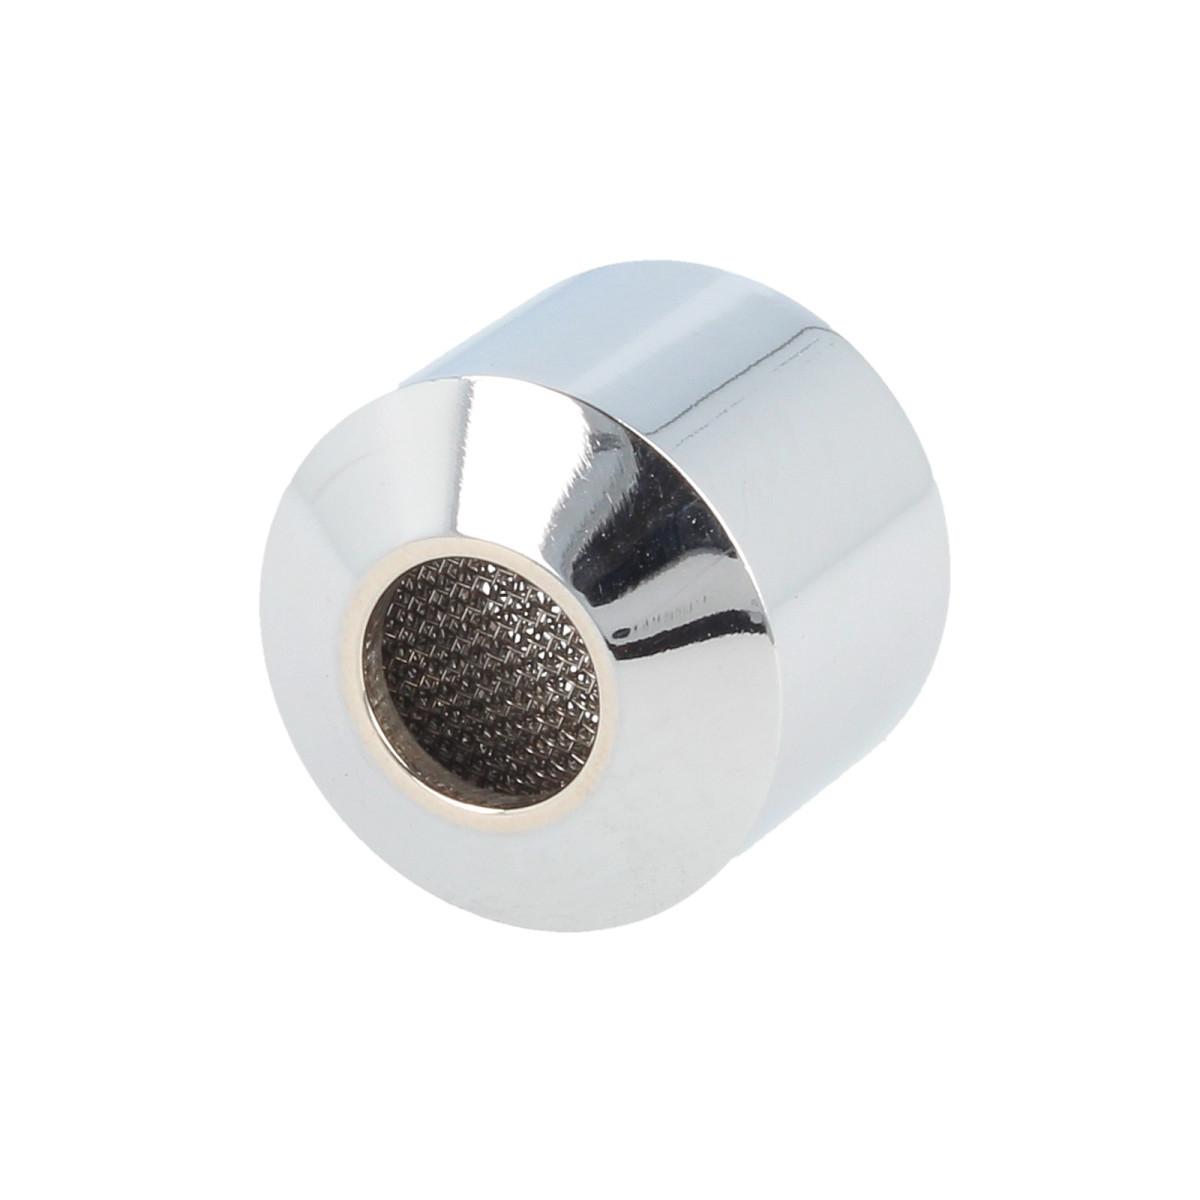 tecuro DESIGN Mischdüse-Strahlregler-Luftsprudler Ø 21,0 mm M19,5 x 1 IG chrom